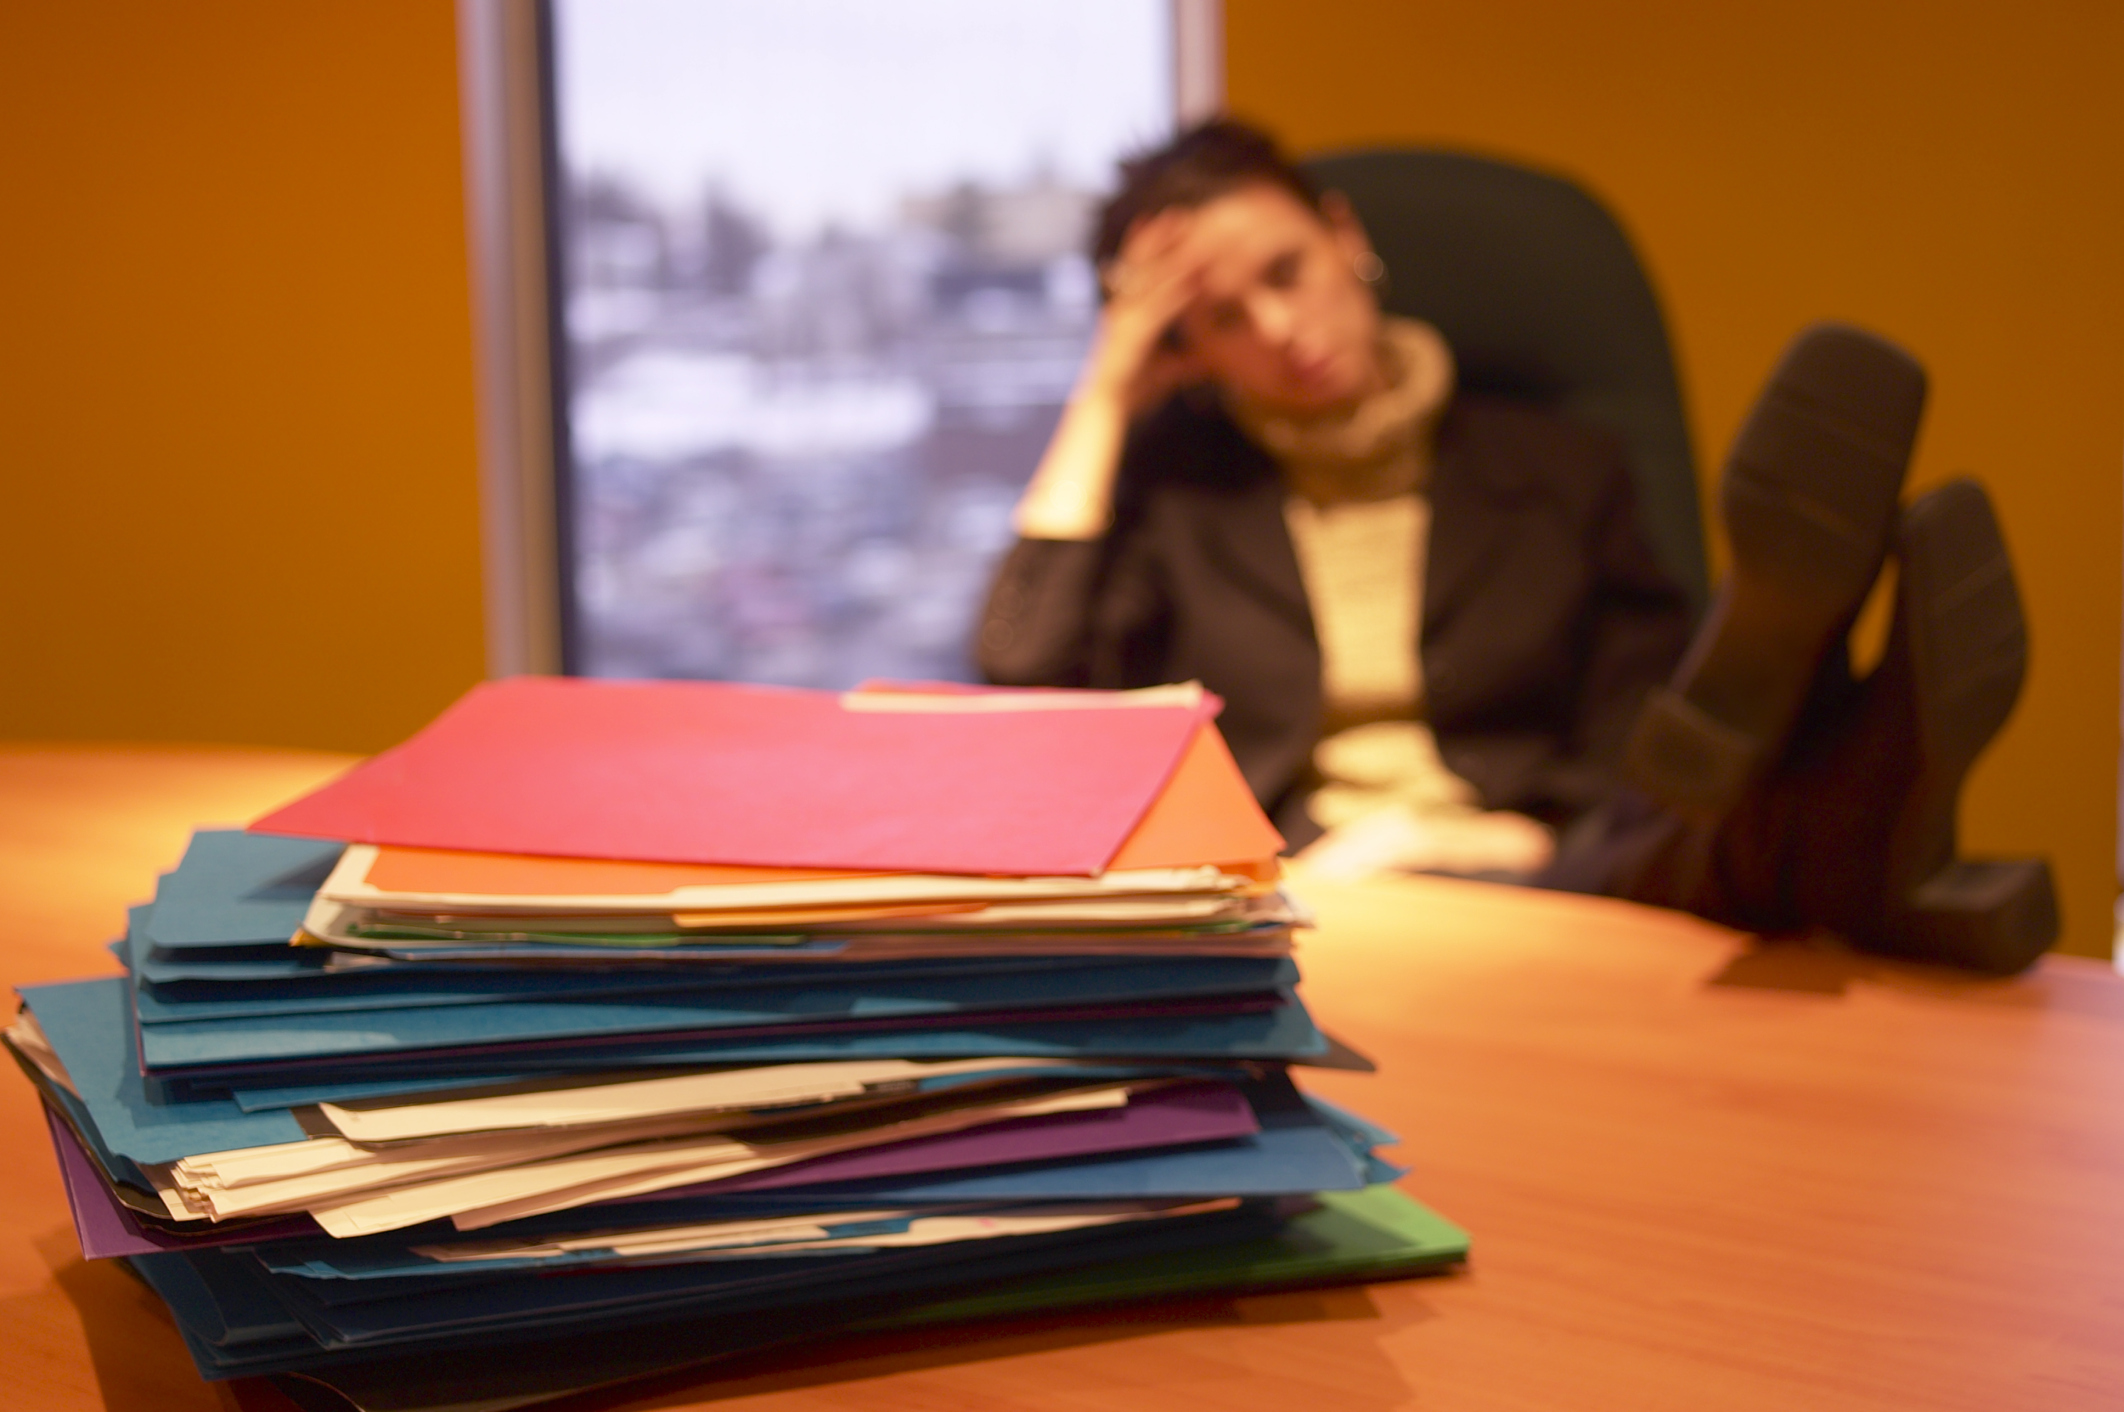 мотивация и стимулирование трудовой деятельности курсовая работа